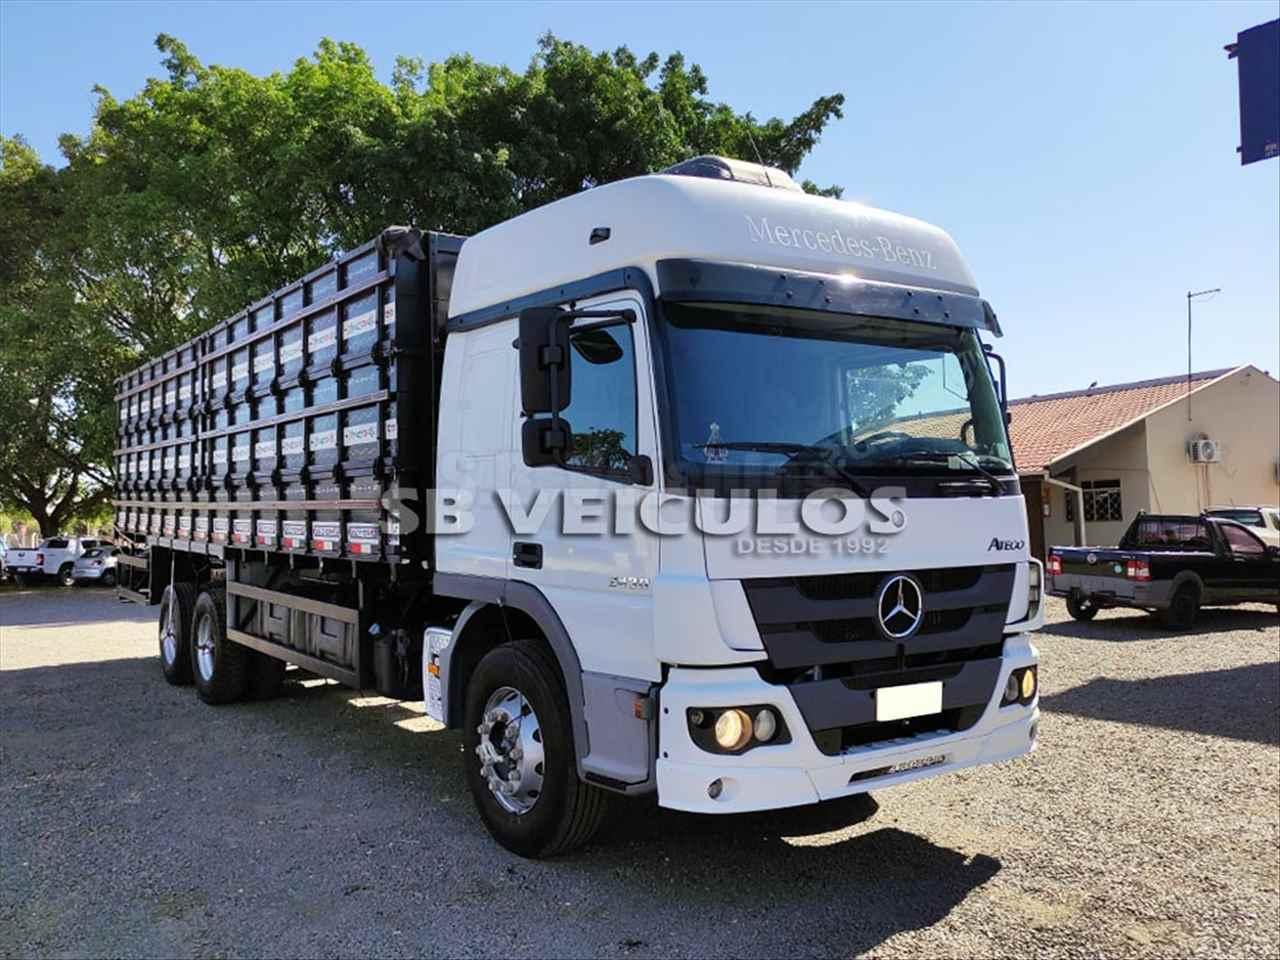 CAMINHAO MERCEDES-BENZ MB 2430 Graneleiro Truck 6x2 SB Veiculos CATANDUVA SÃO PAULO SP